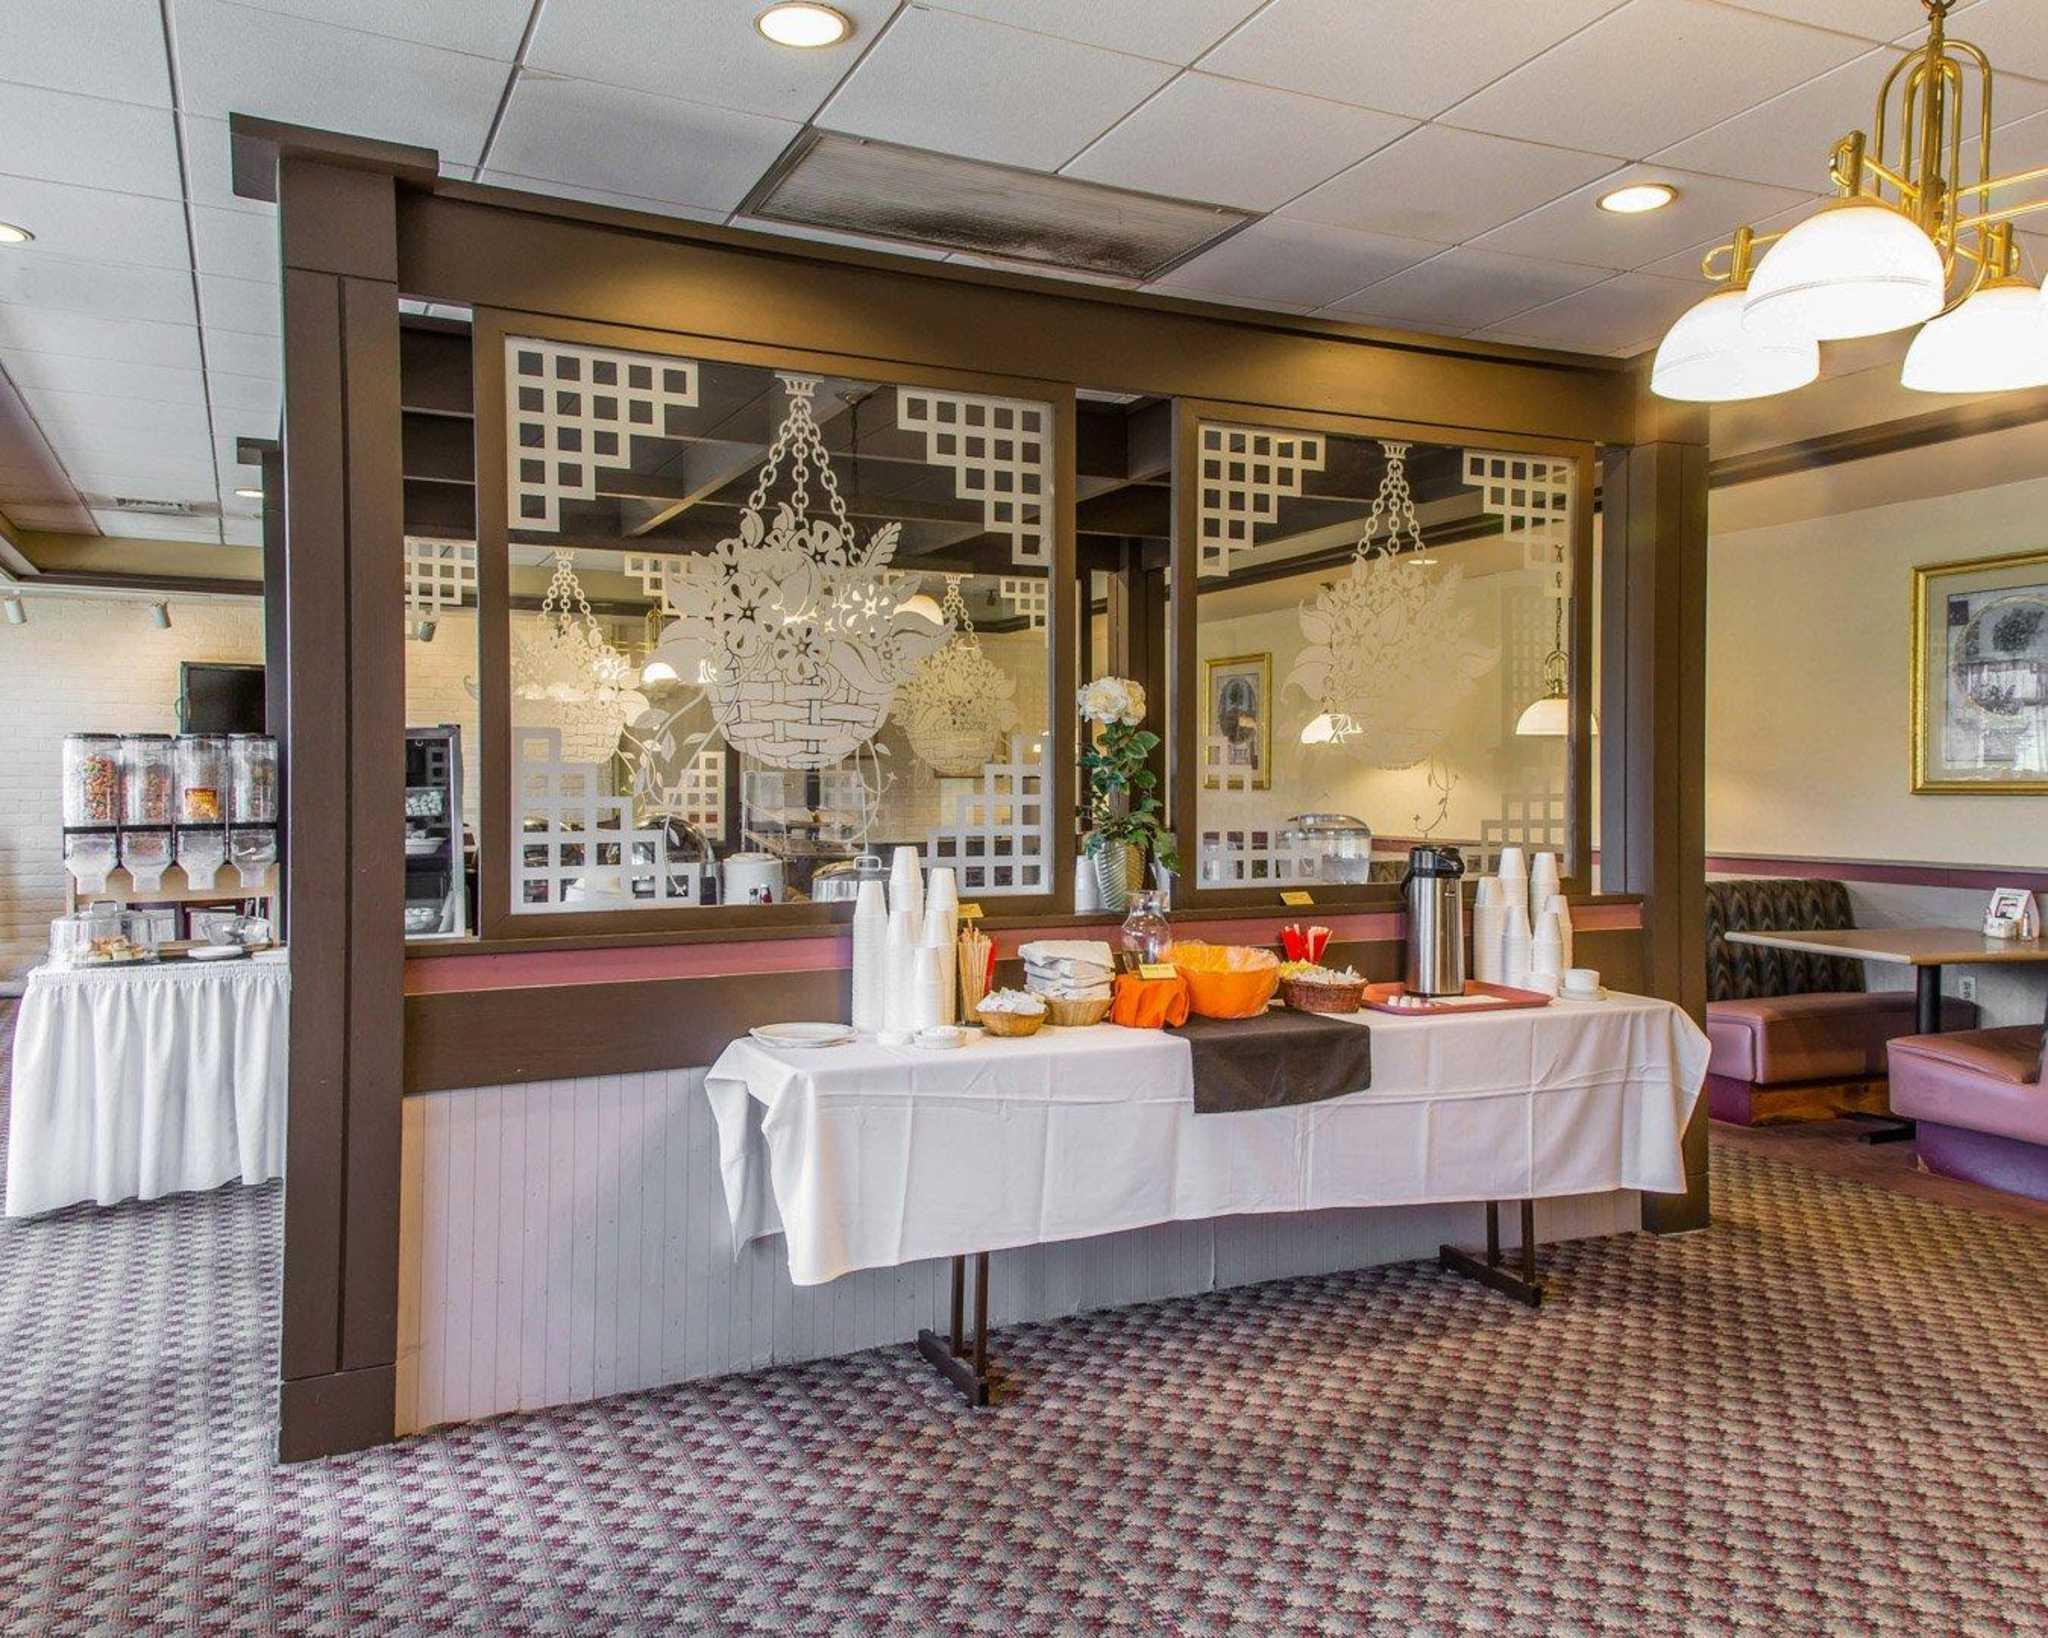 Rodeway Inn & Suites Bradley Airport image 7